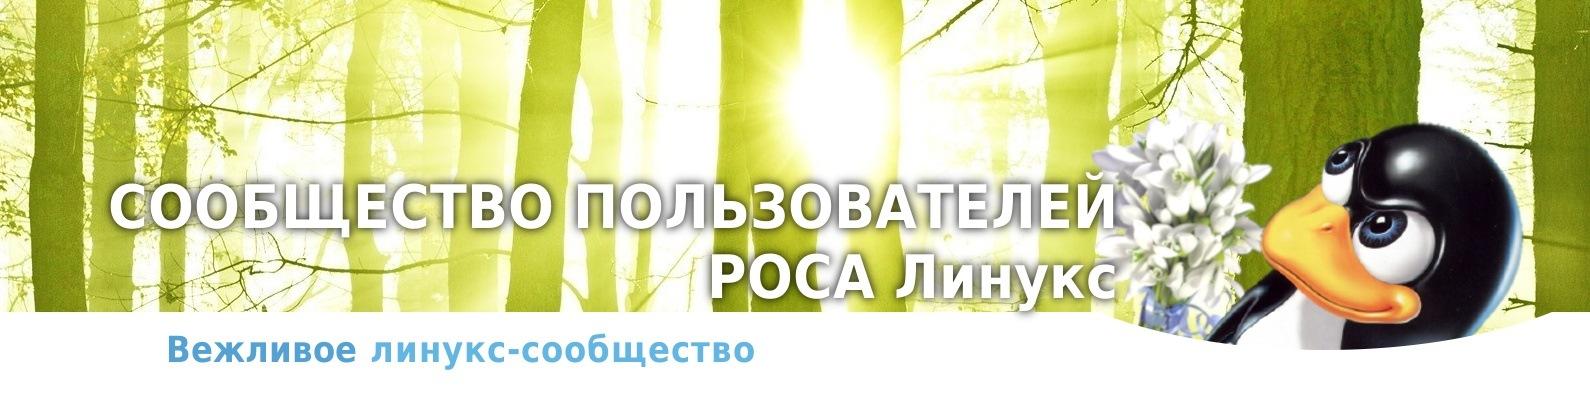 Российская ОС РОСА Линукс   Сообщество Linux   ВКонтакте